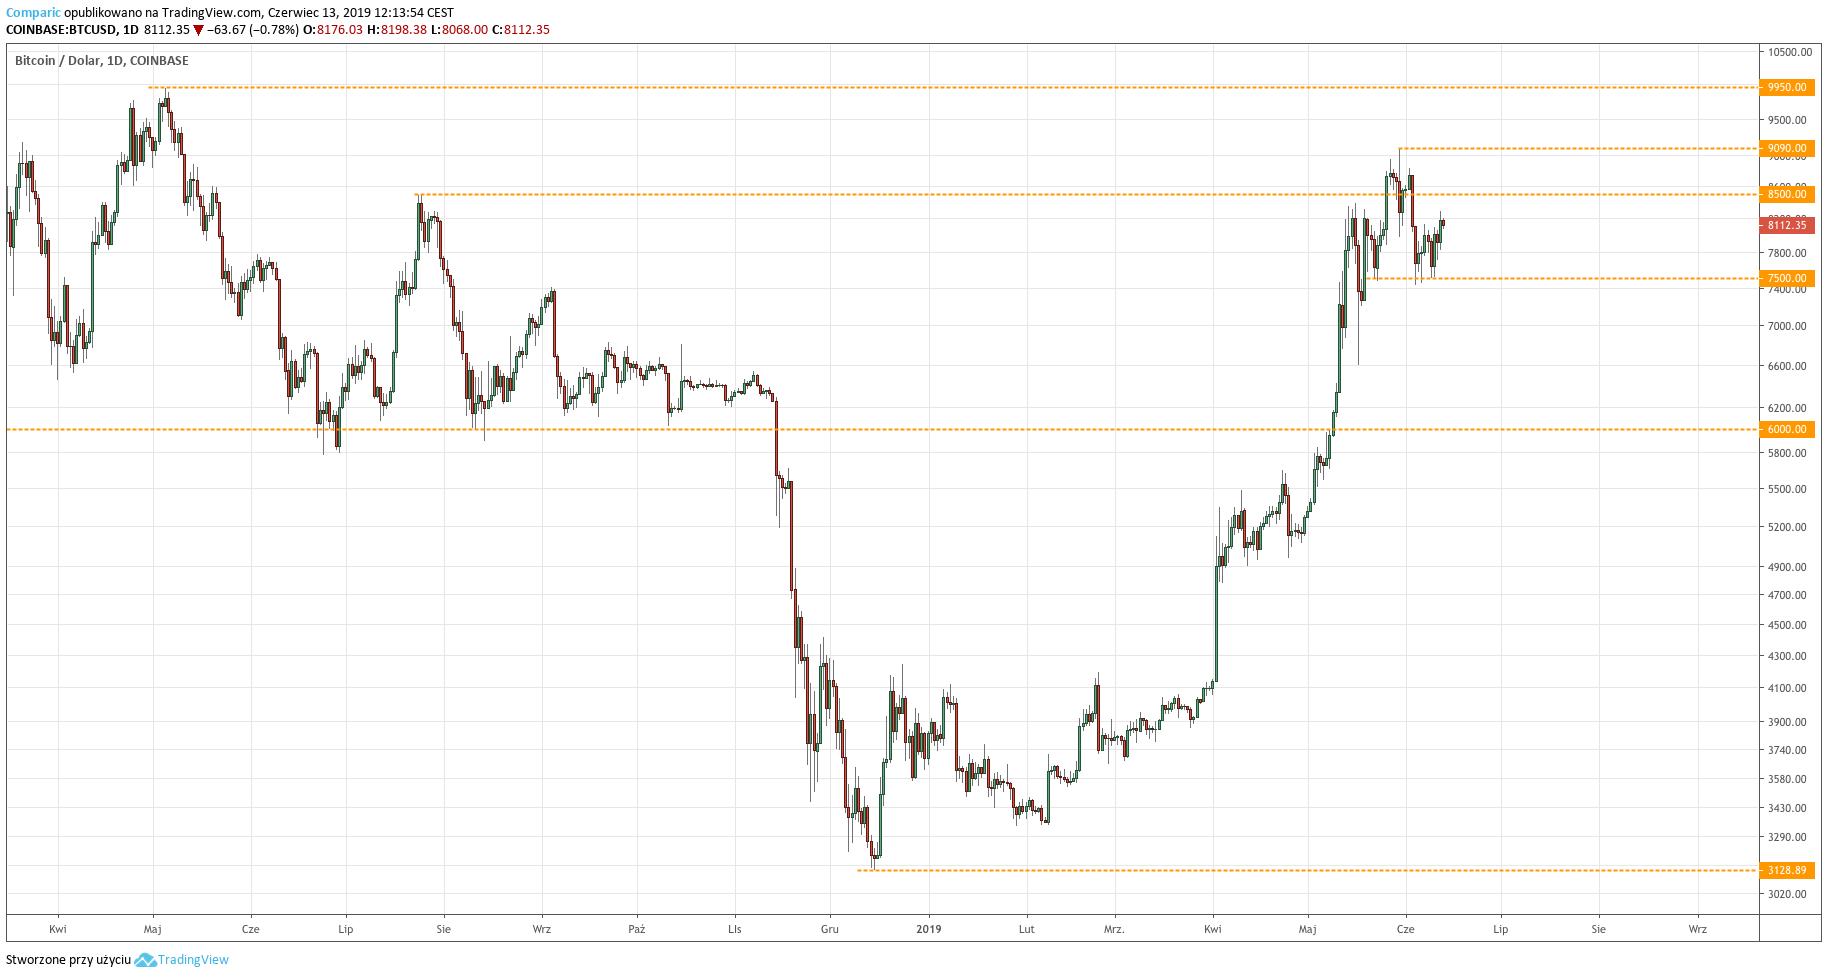 Kurs Bitcoina do dolara (BTC/USD) - wykres dzienny - 13 czerwca 2019